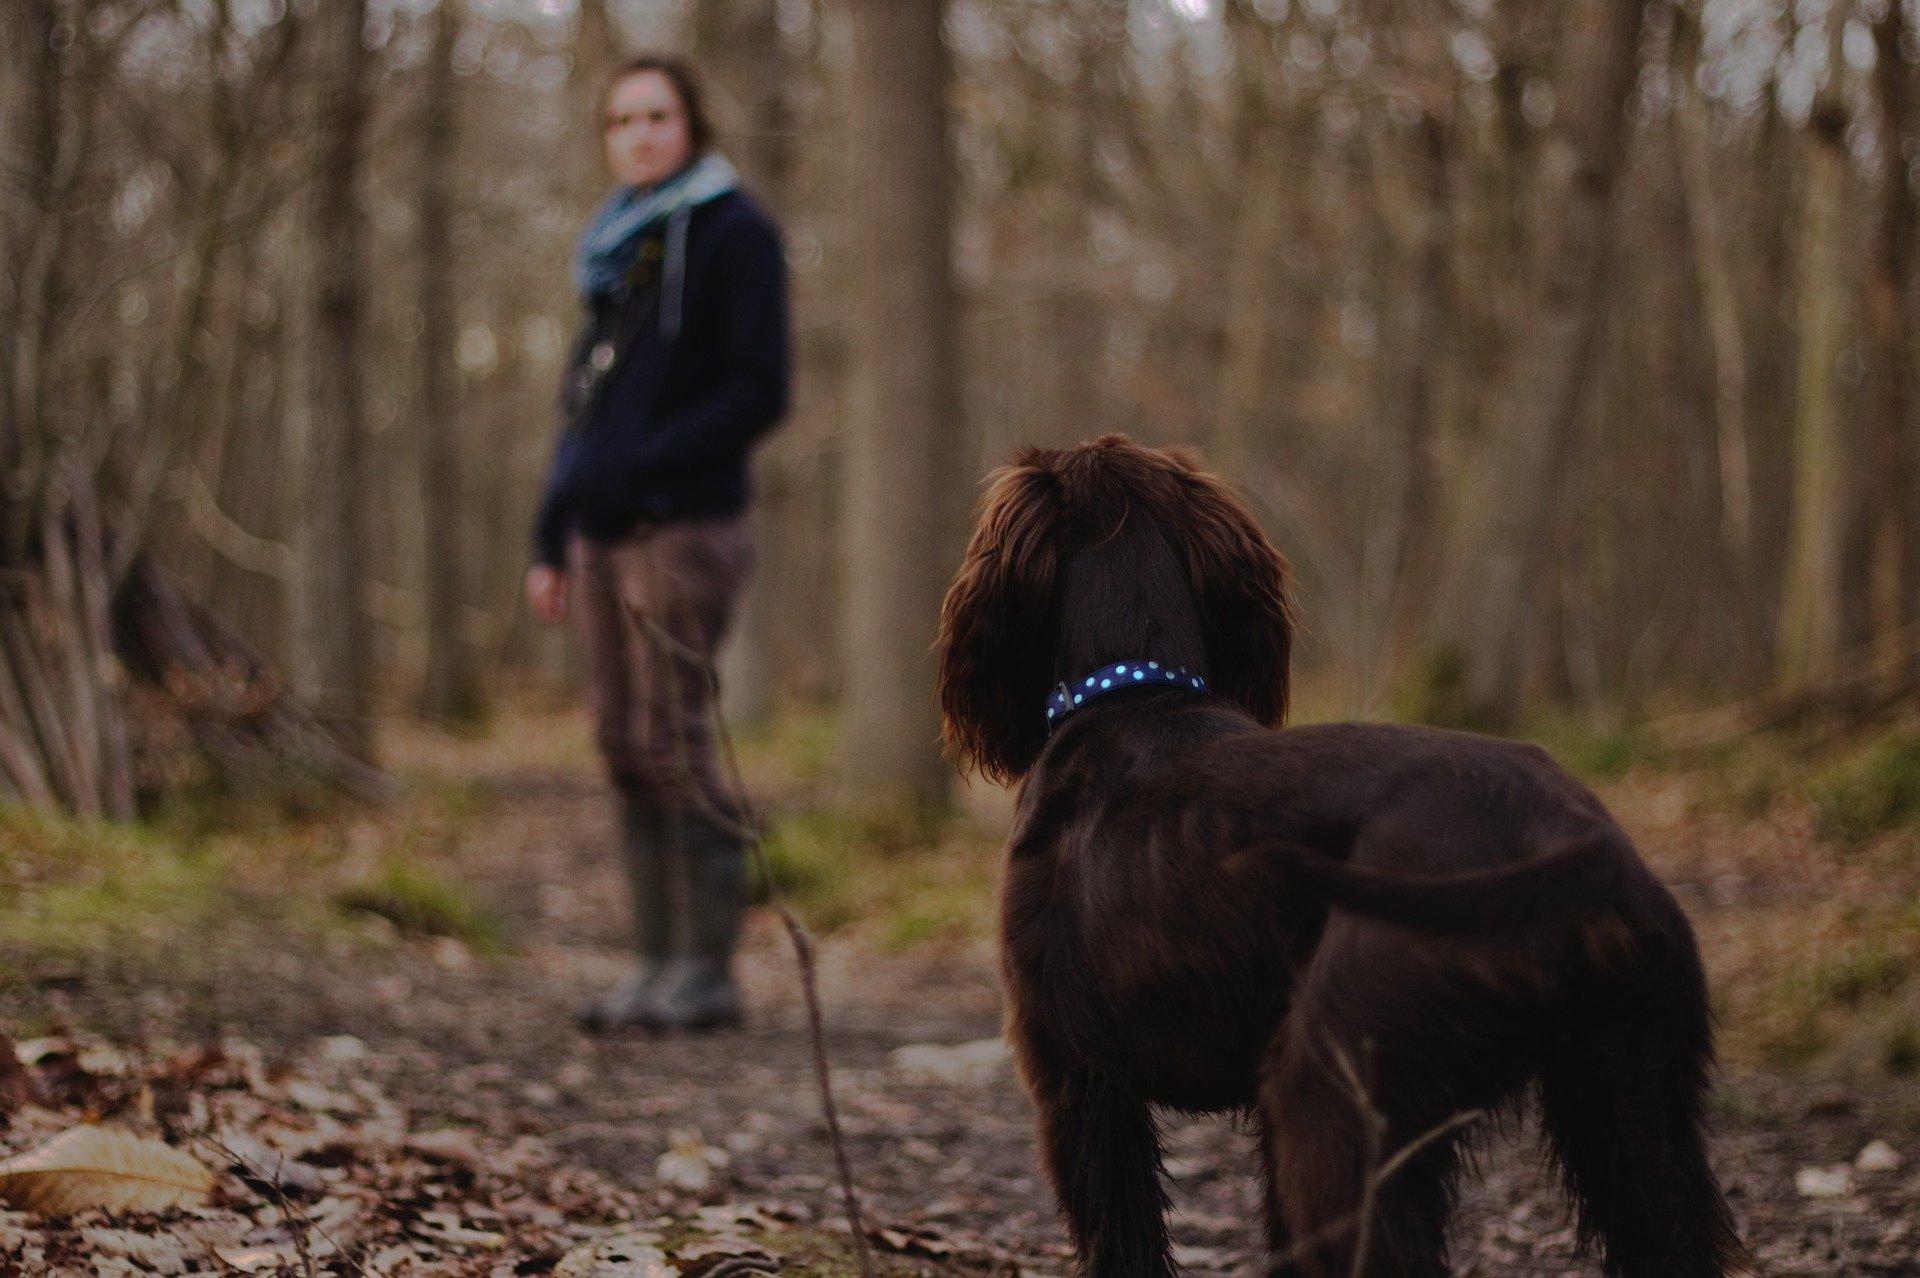 Comment bien promener son chien ?